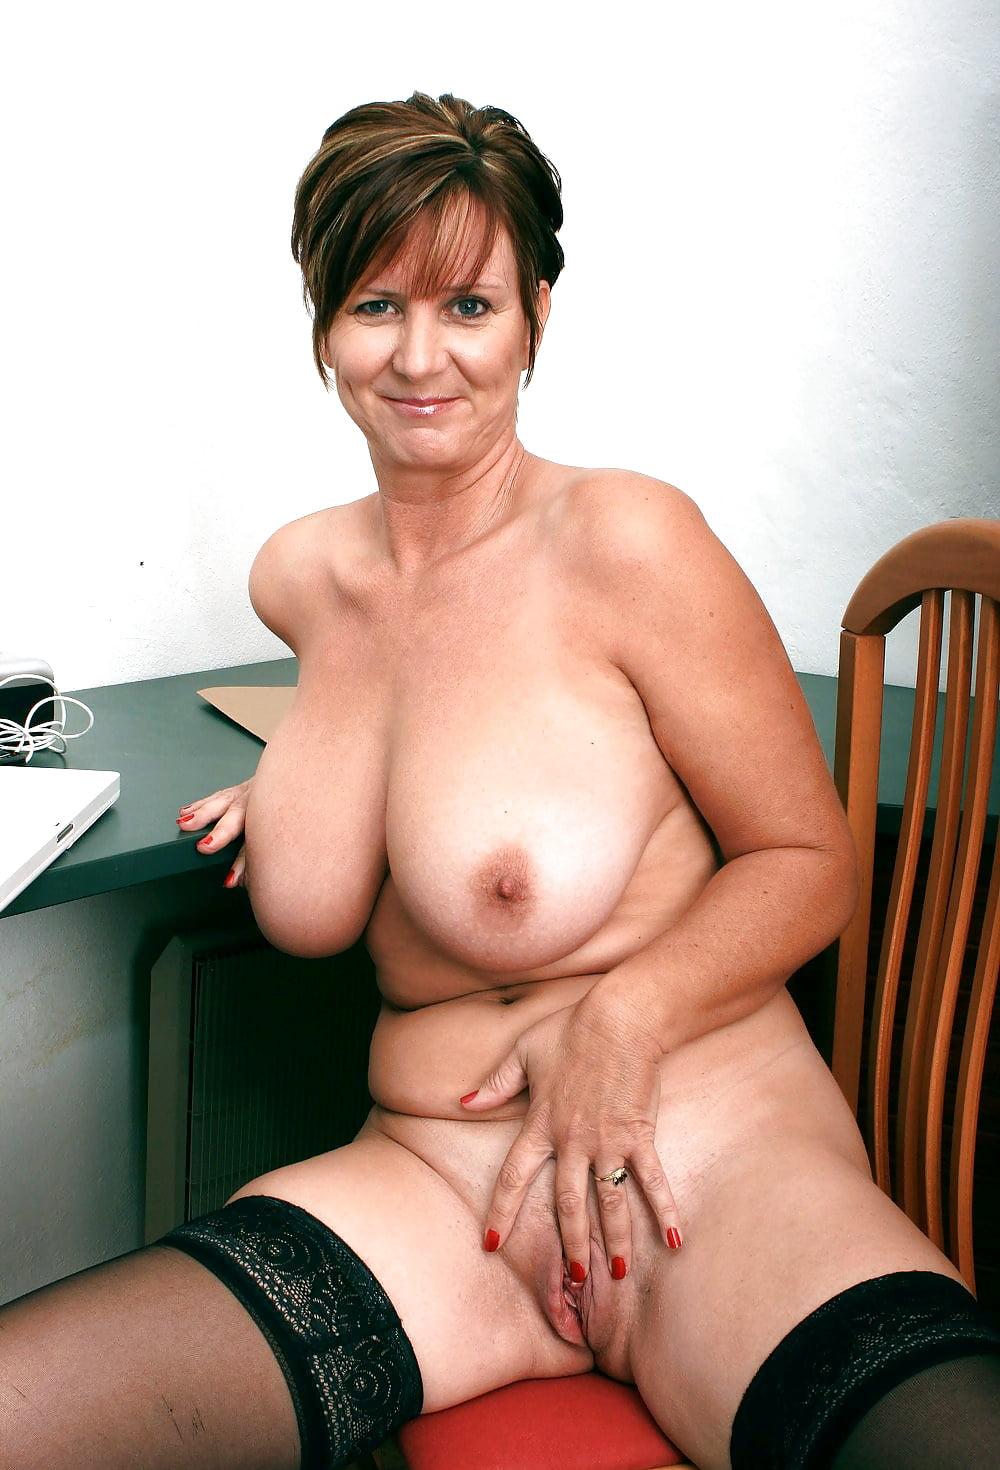 Big Tit Whore